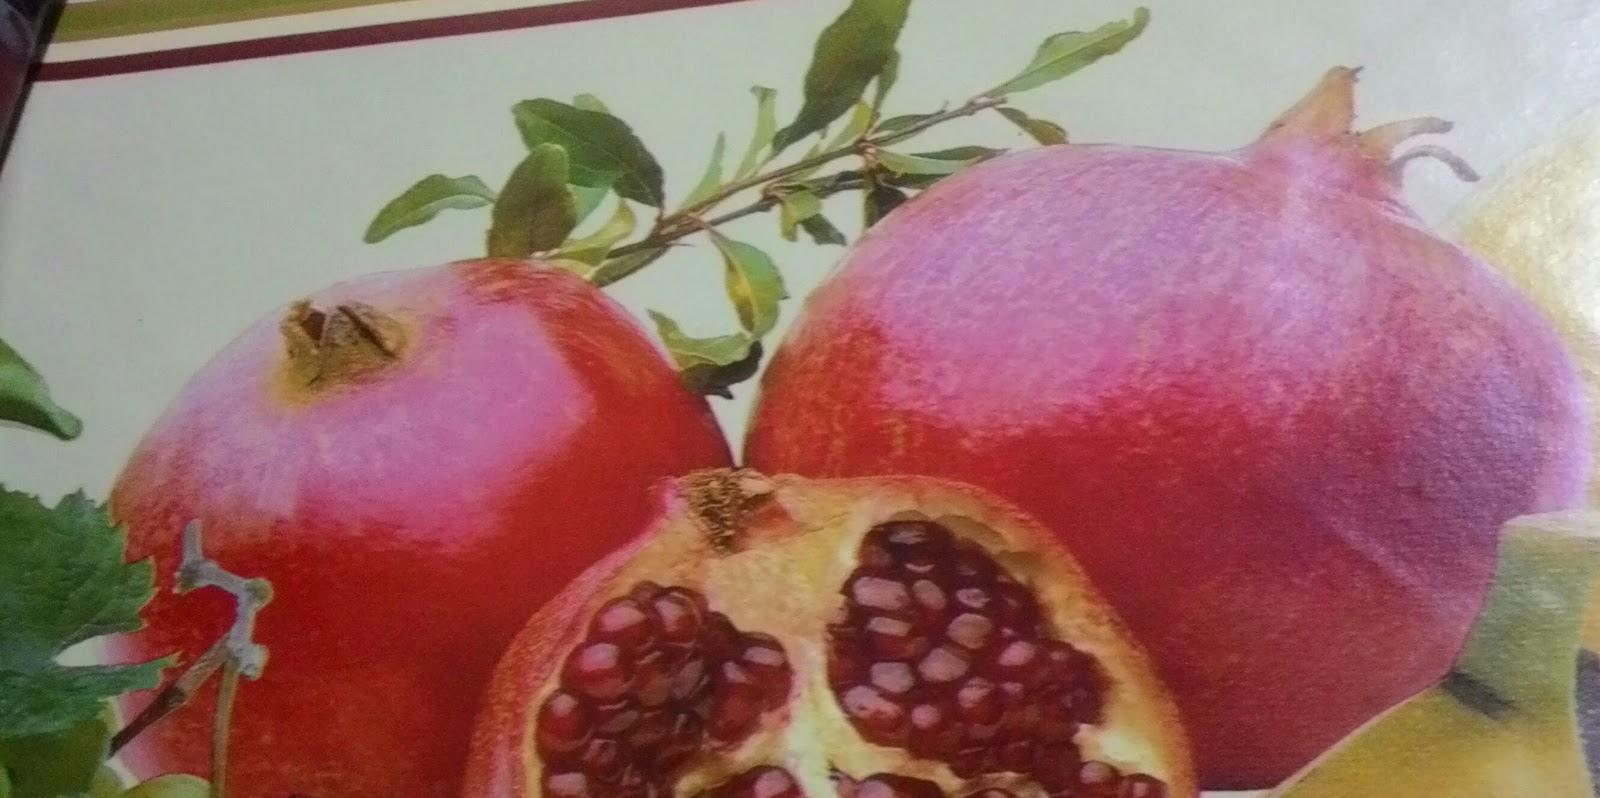 Felce iyi Gelen Bitkiler Meyveler Yiyecekler